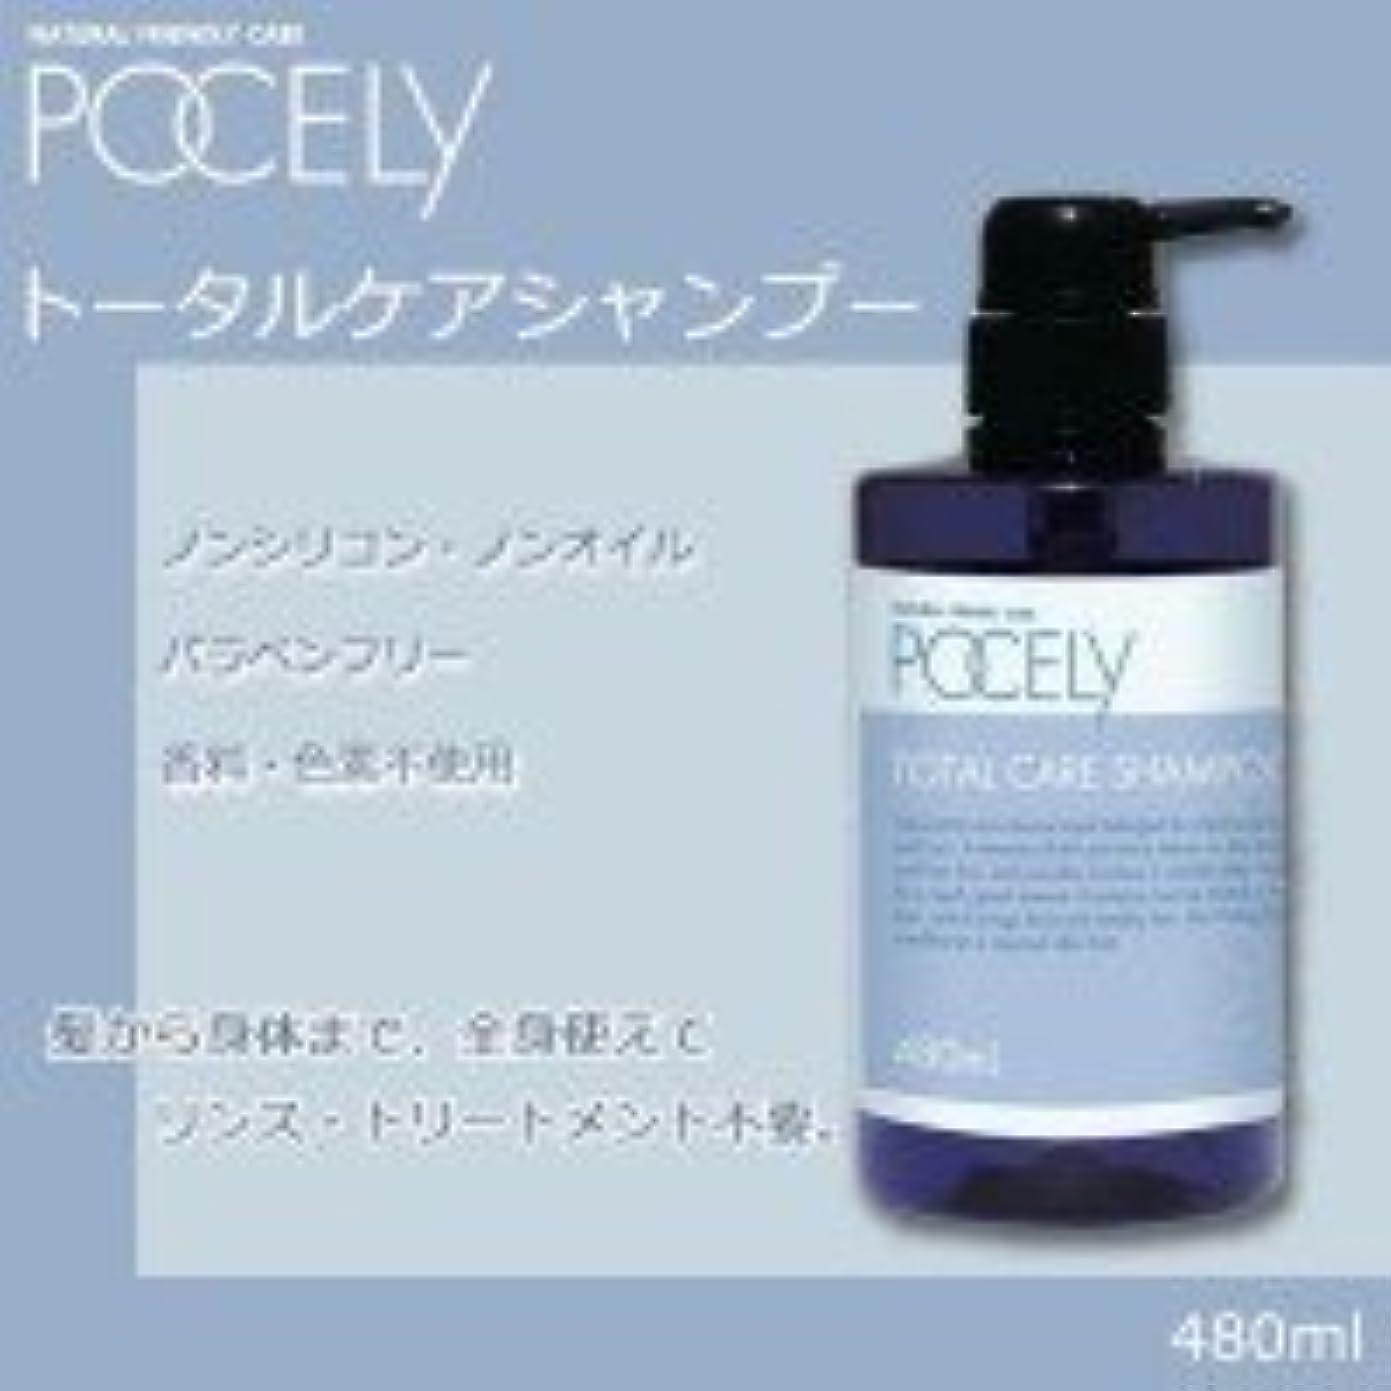 収束アノイ実現可能性皮膚医学に基づいて開発! POCELY(ポーセリー) トータルケアシャンプー480ml